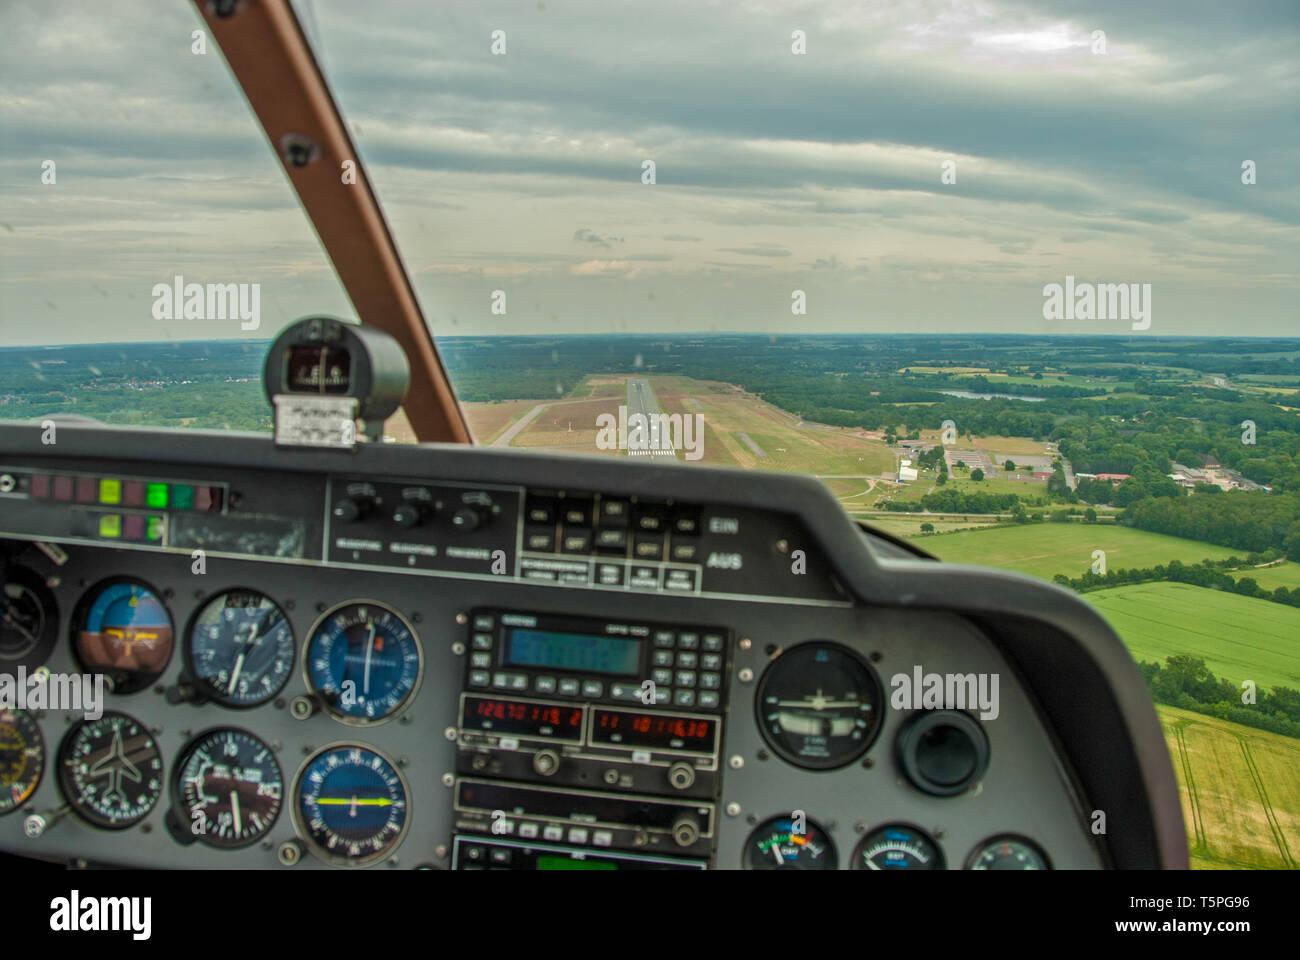 Ein Blick aus dem Cockpit eines Sport Flugzeuge an den Start- und Landebahn eines Flugplatzes Stockfoto